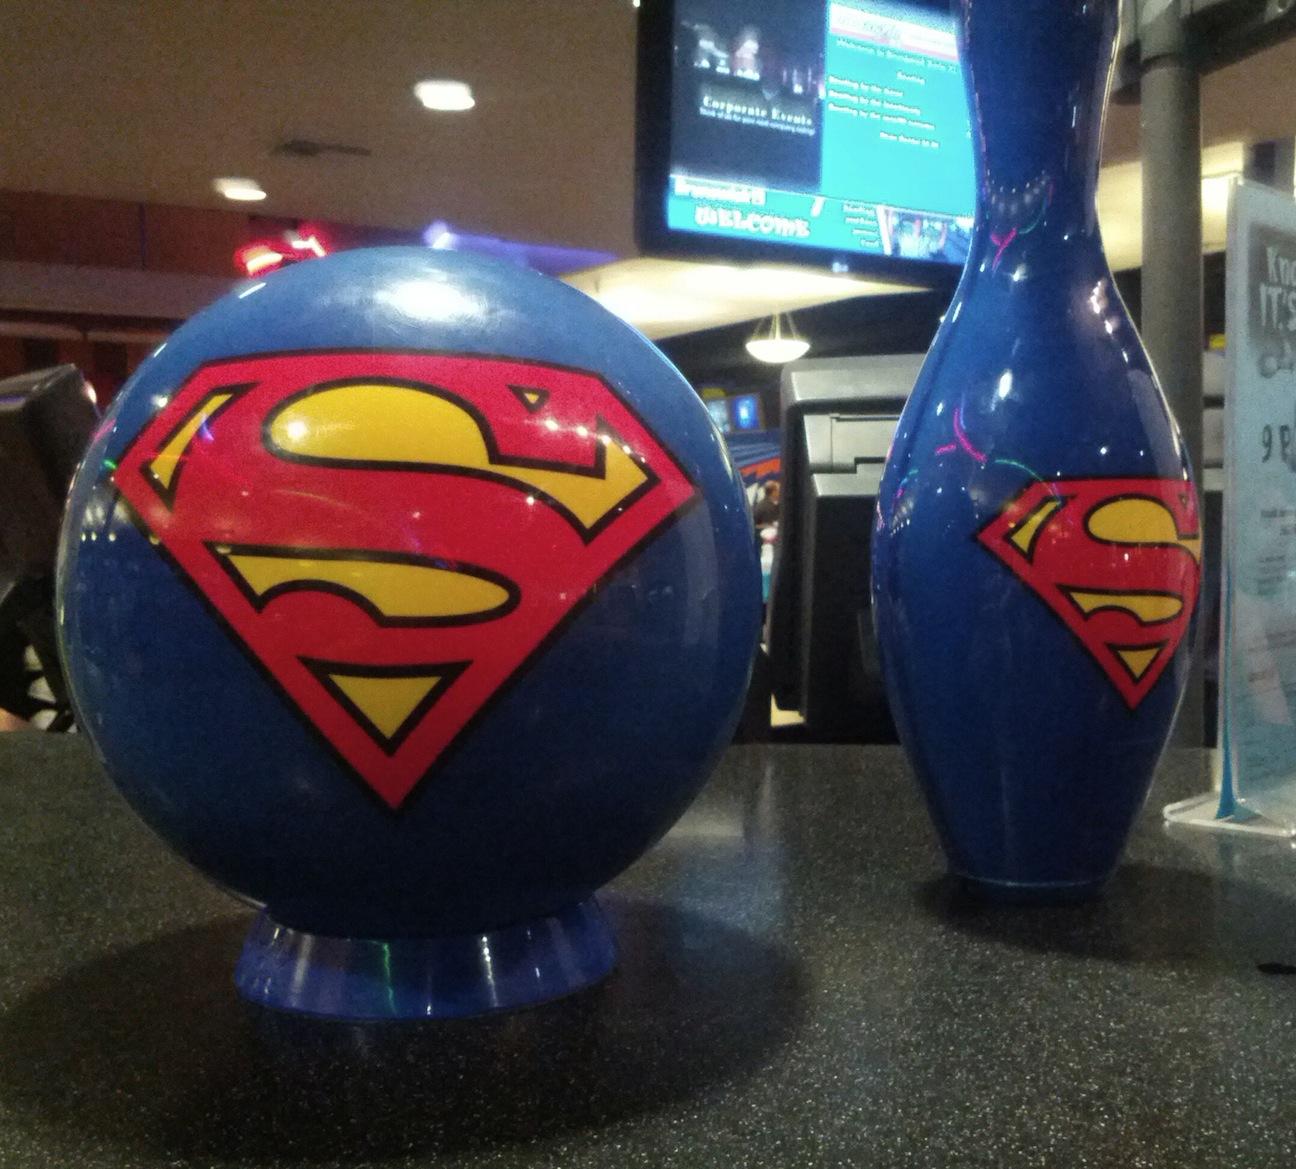 Fun Find Fridays: Superhero Themed Bowling Club